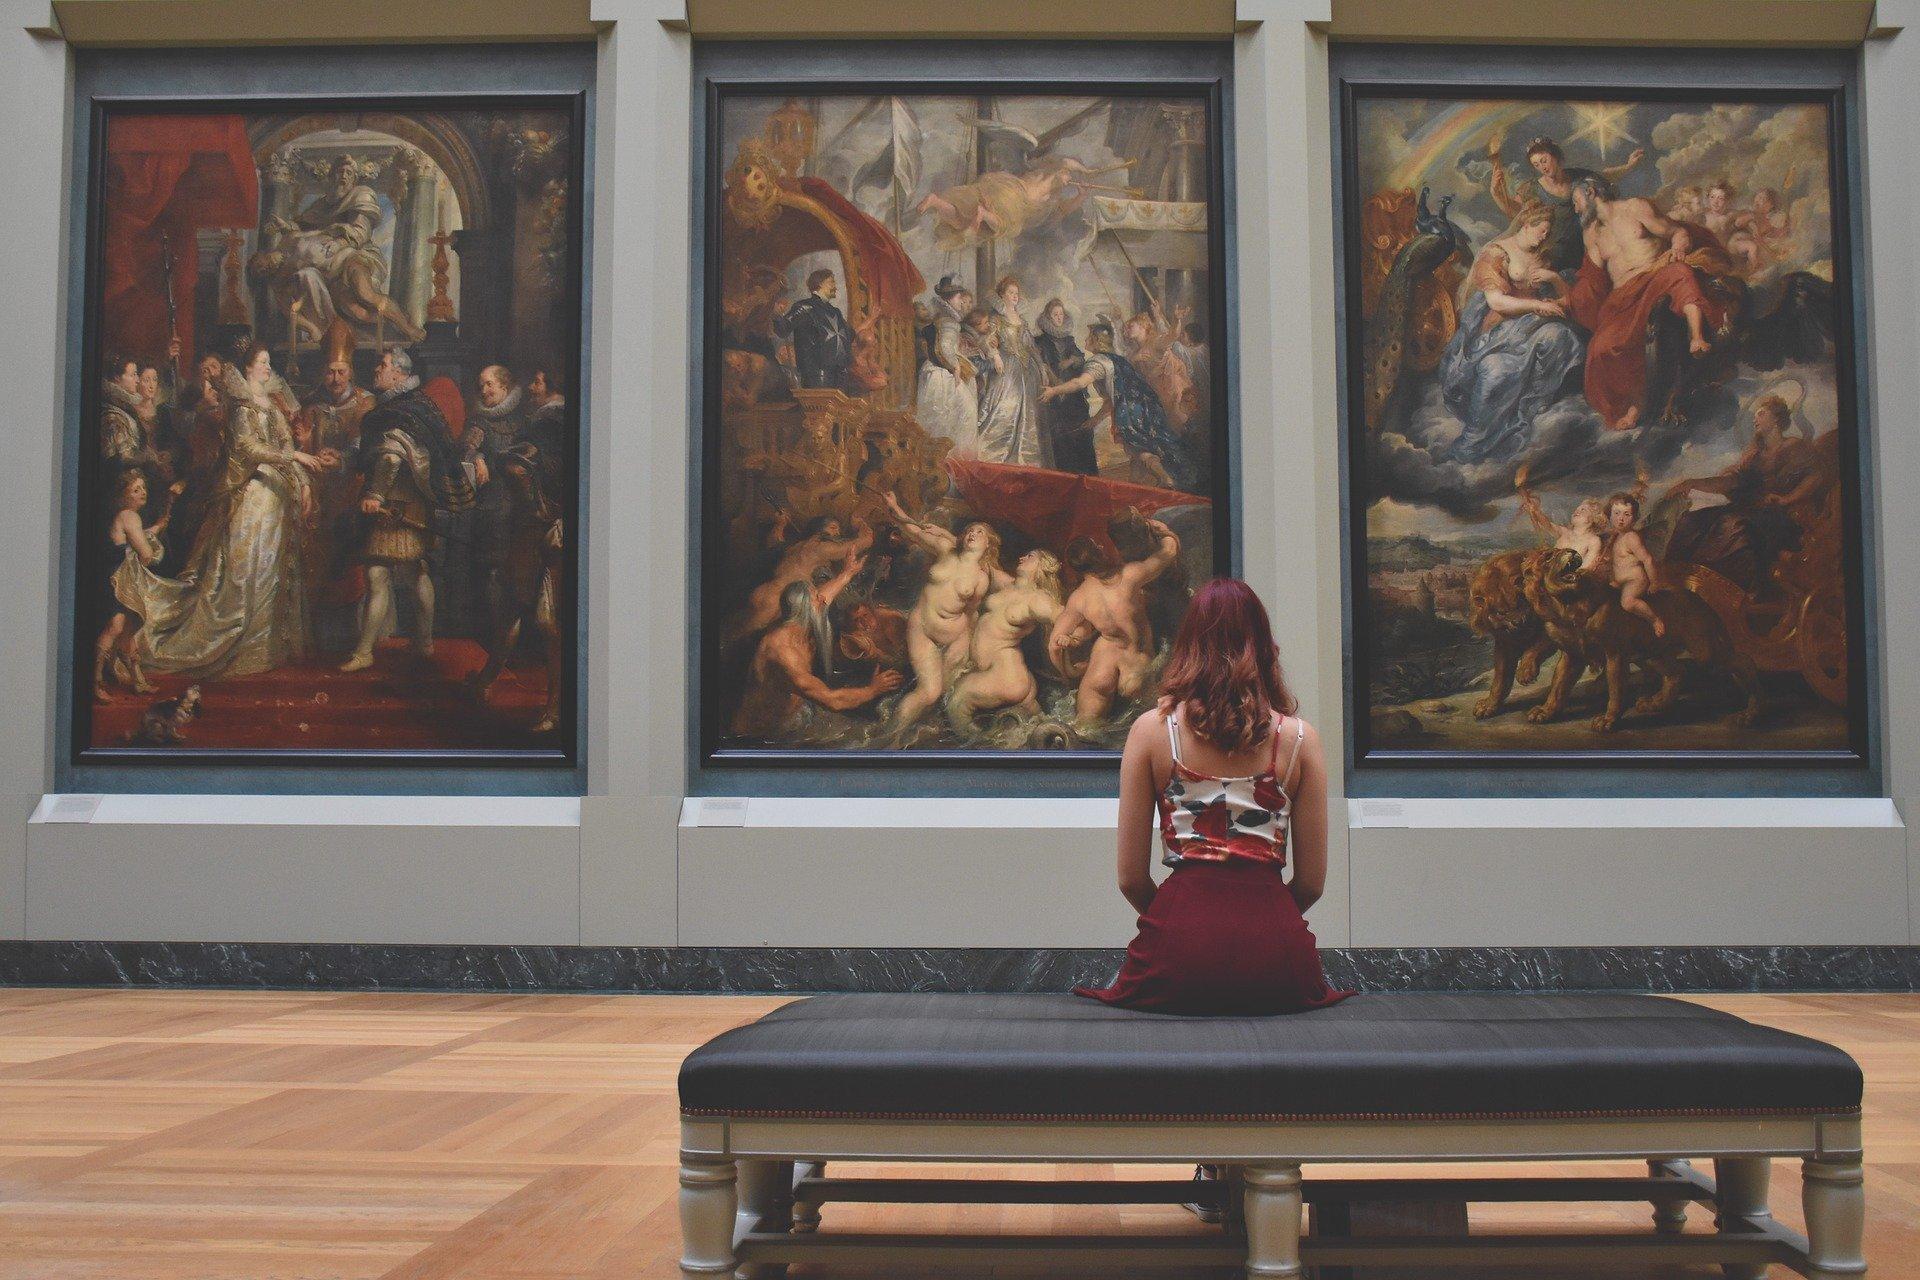 5 exposiciones de arte que no te dejarán indiferente + 1 virtual